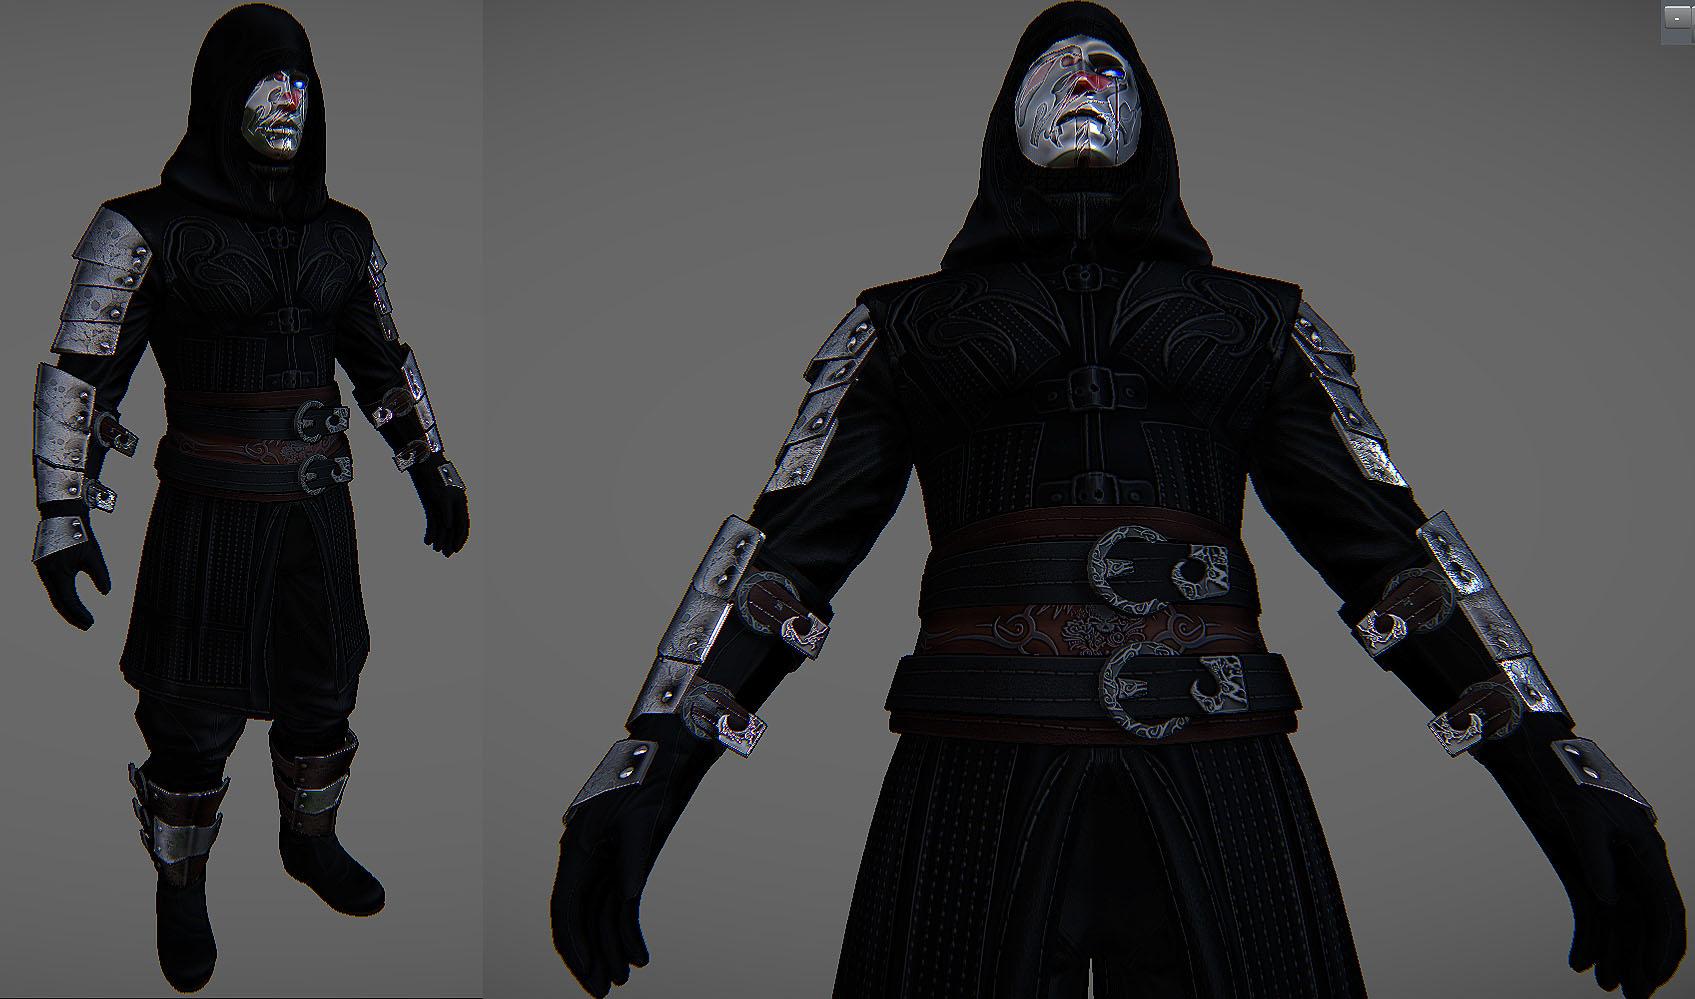 Crimson Tear Order Skyrim armor 2 by Zerofrust